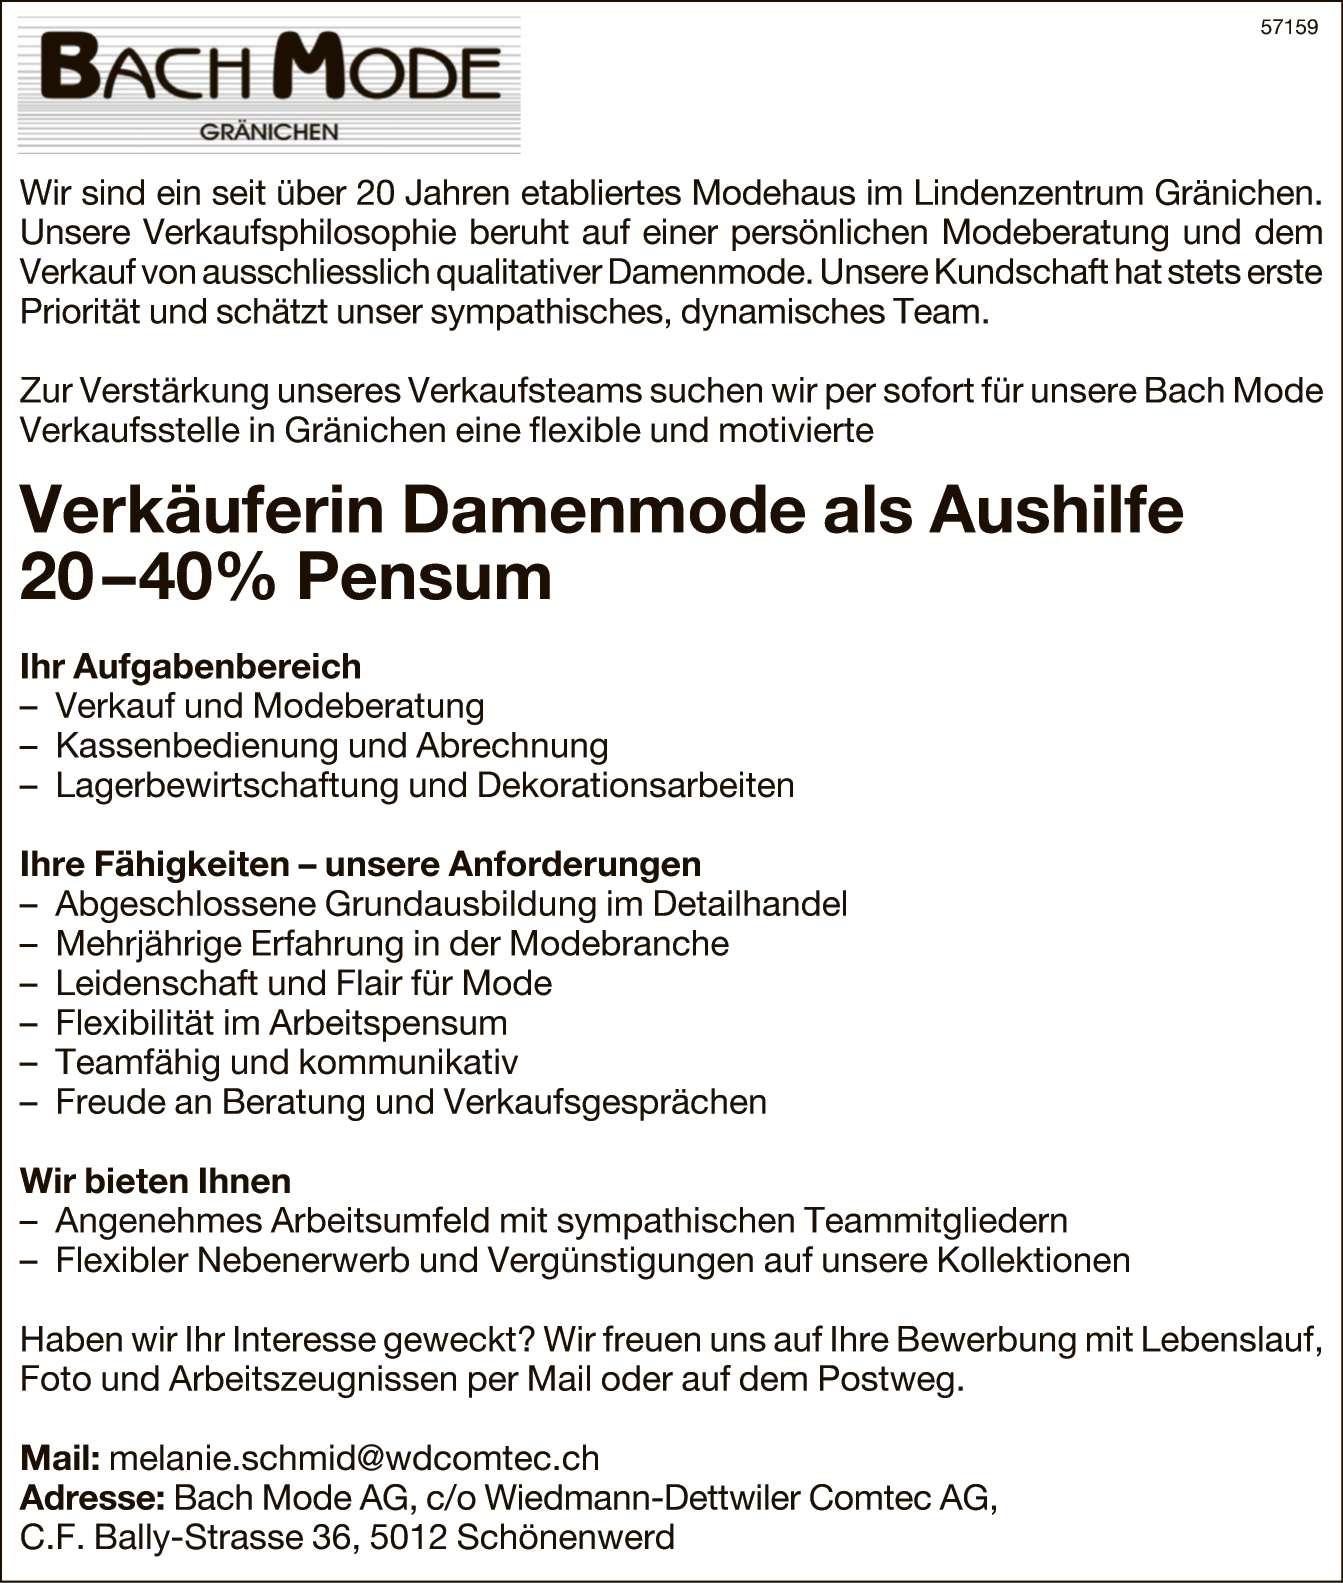 Charmant Verkauf Lebenslauf Fähigkeiten Galerie - Entry Level Resume ...